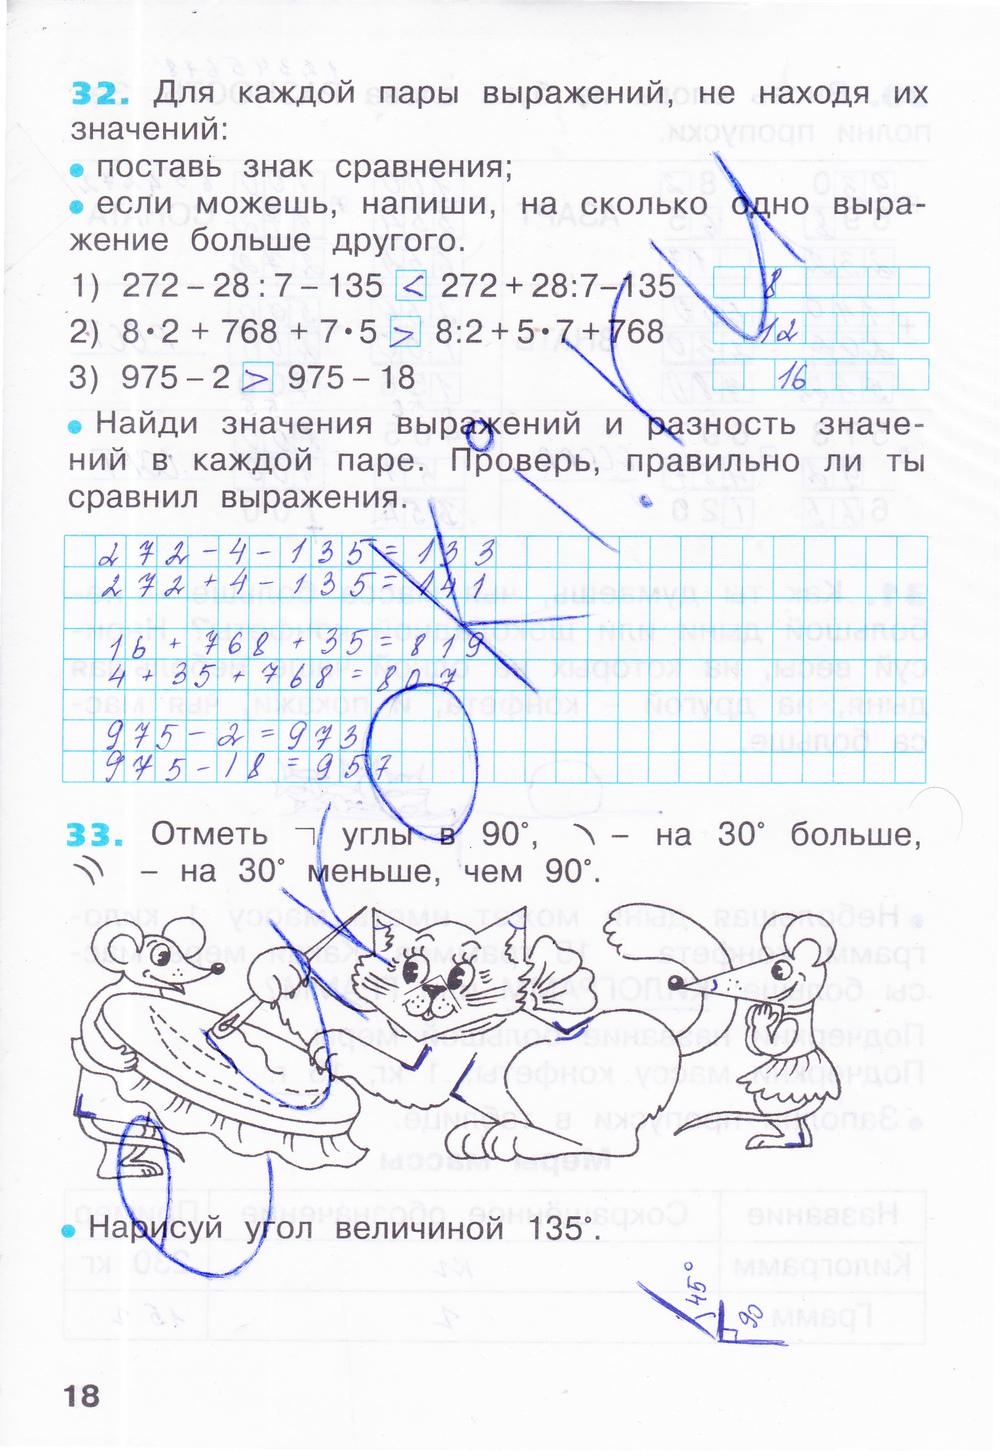 гдз по математике 1 класс рабочая тетрадь бененсон